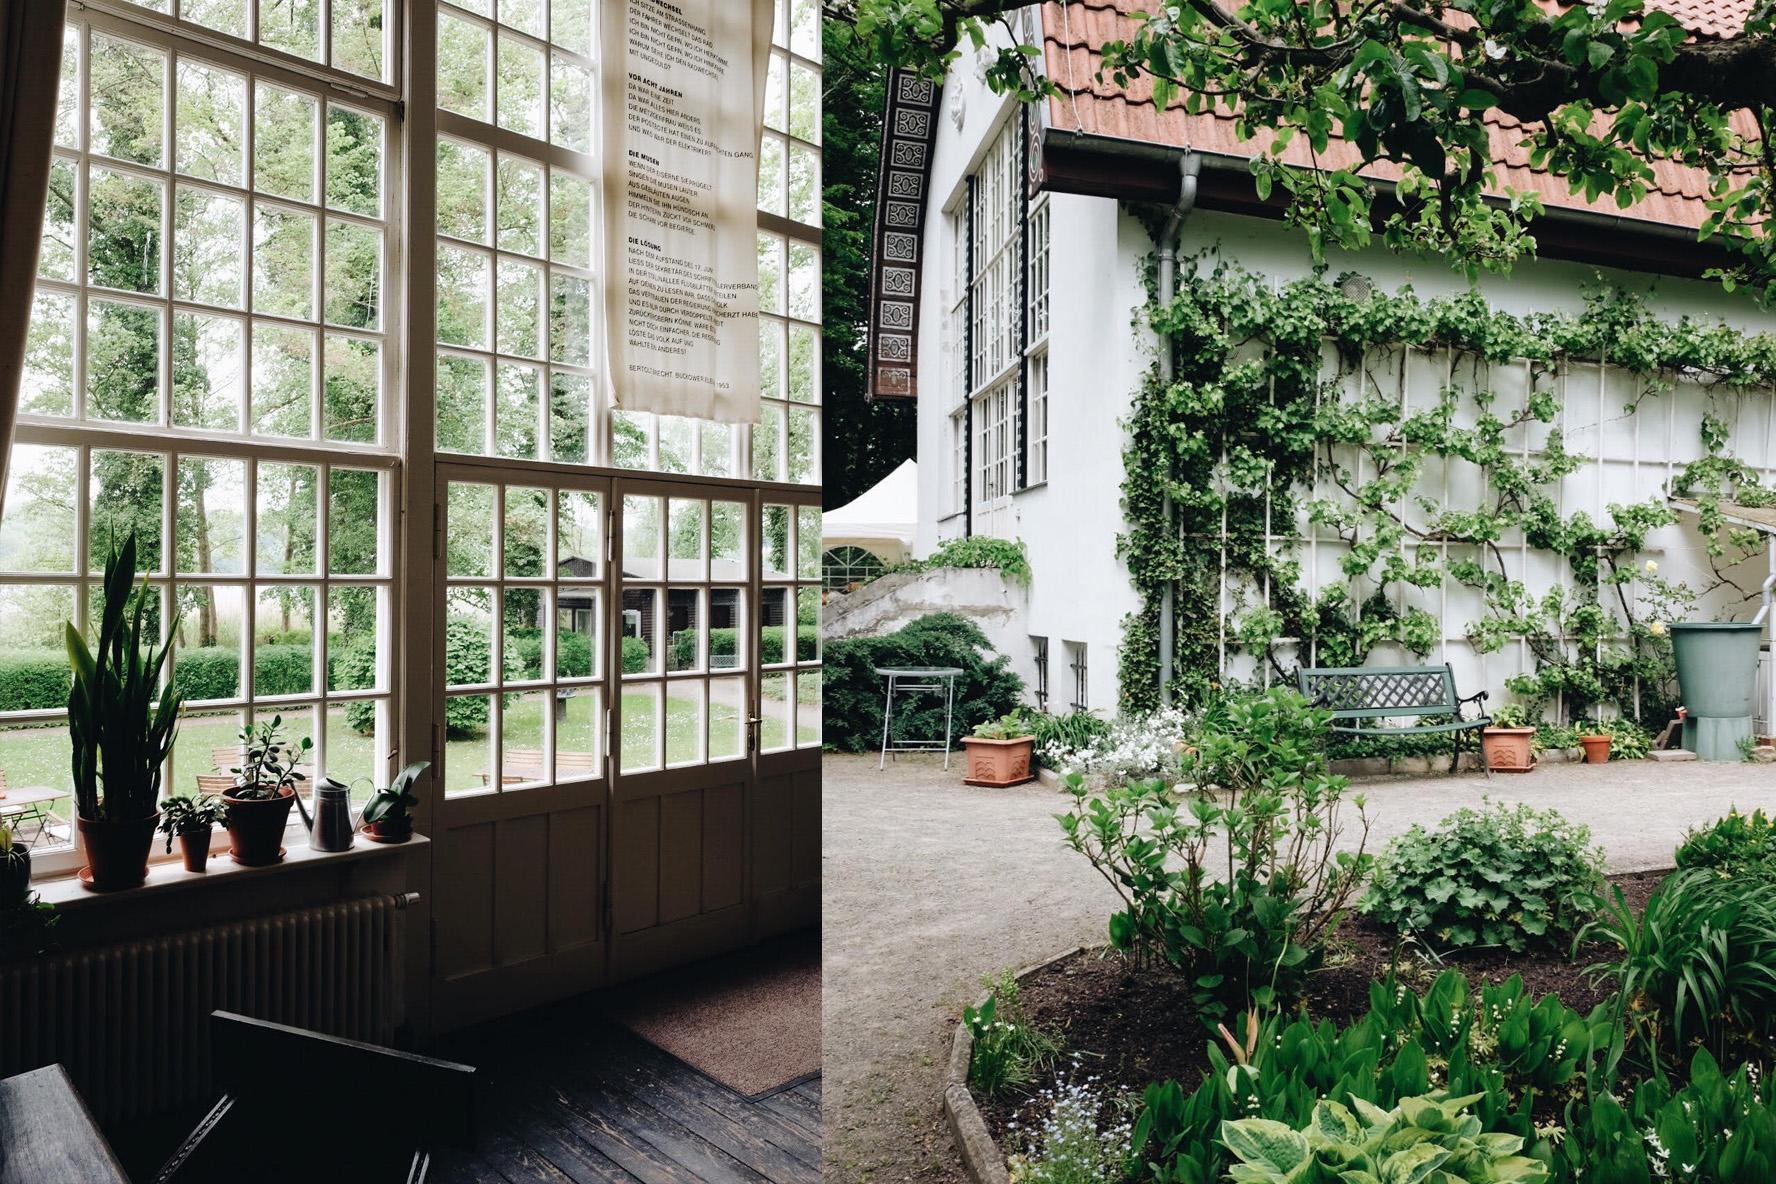 Brecht-Weigel-Haus03 Kopie.jpg